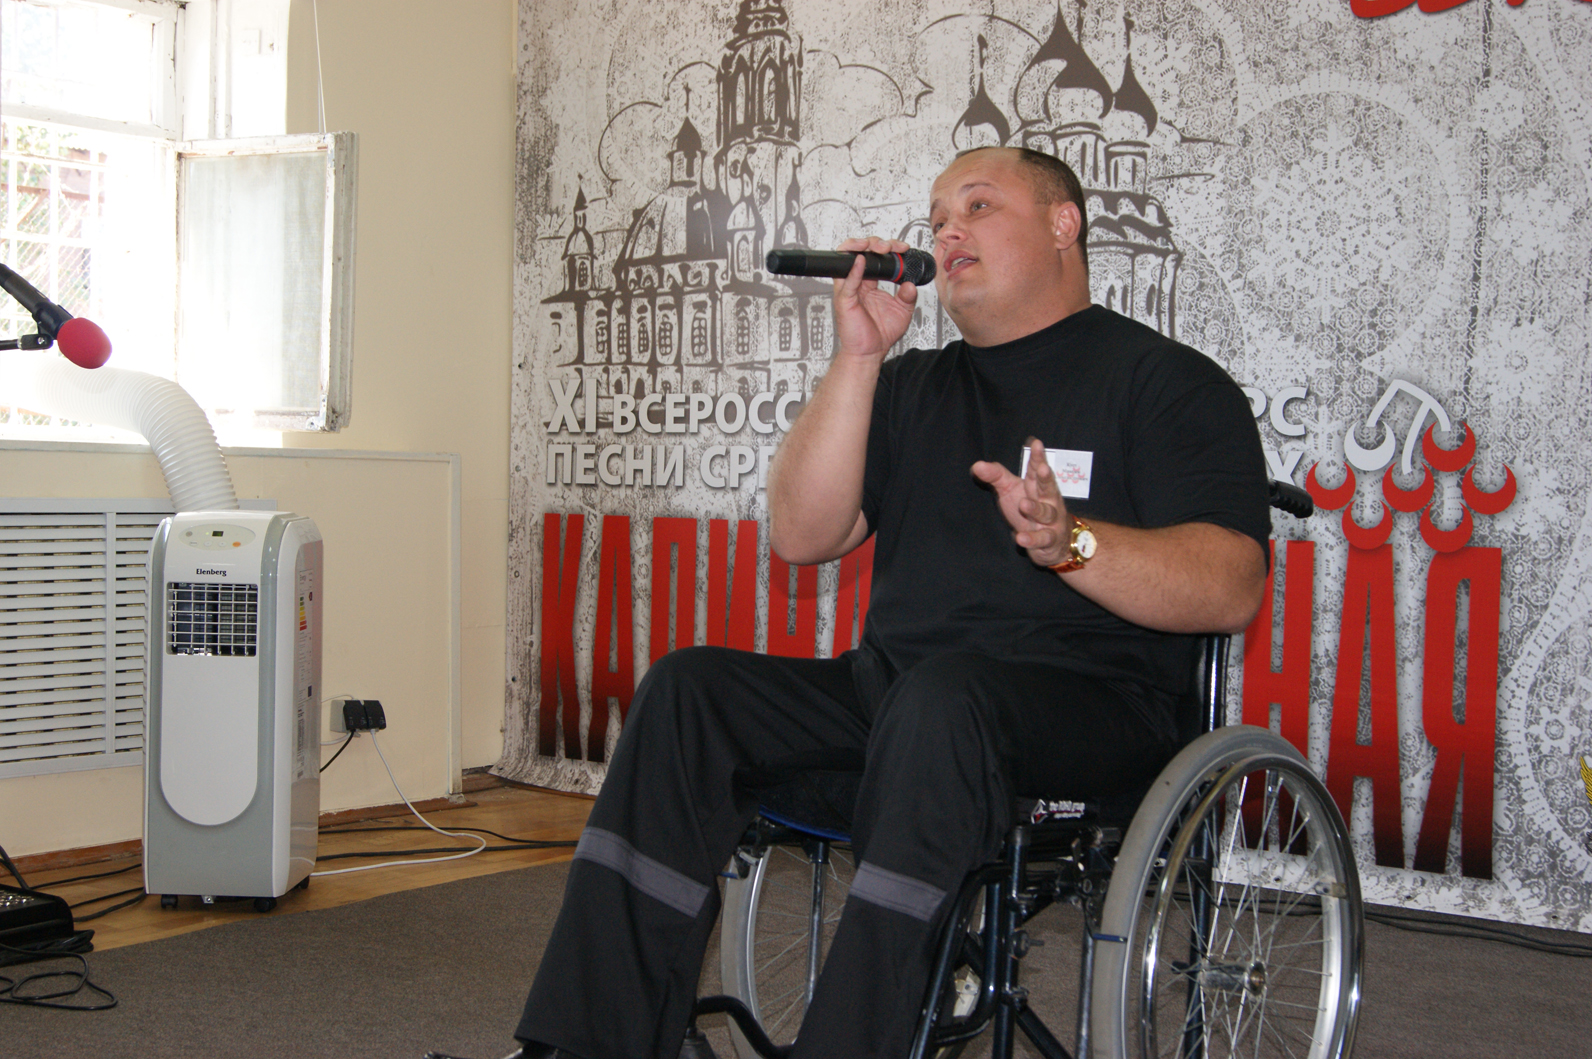 Артисты вологодской филармонии дали мастер-класс для осужденных